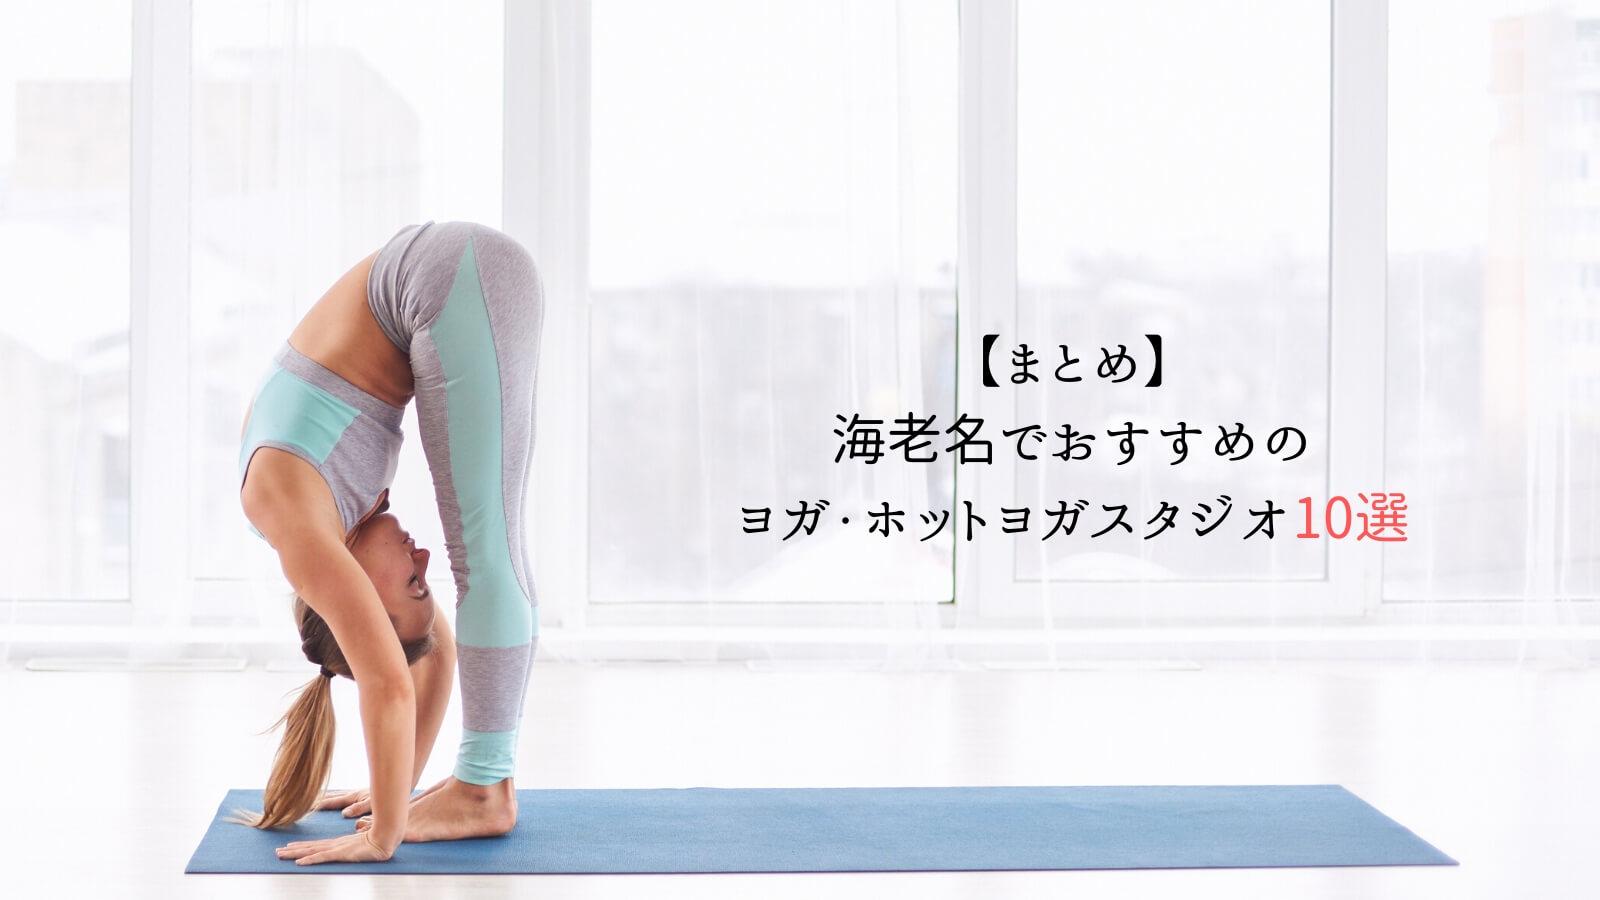 【まとめ】海老名でおすすめのヨガ・ホットヨガスタジオ10選